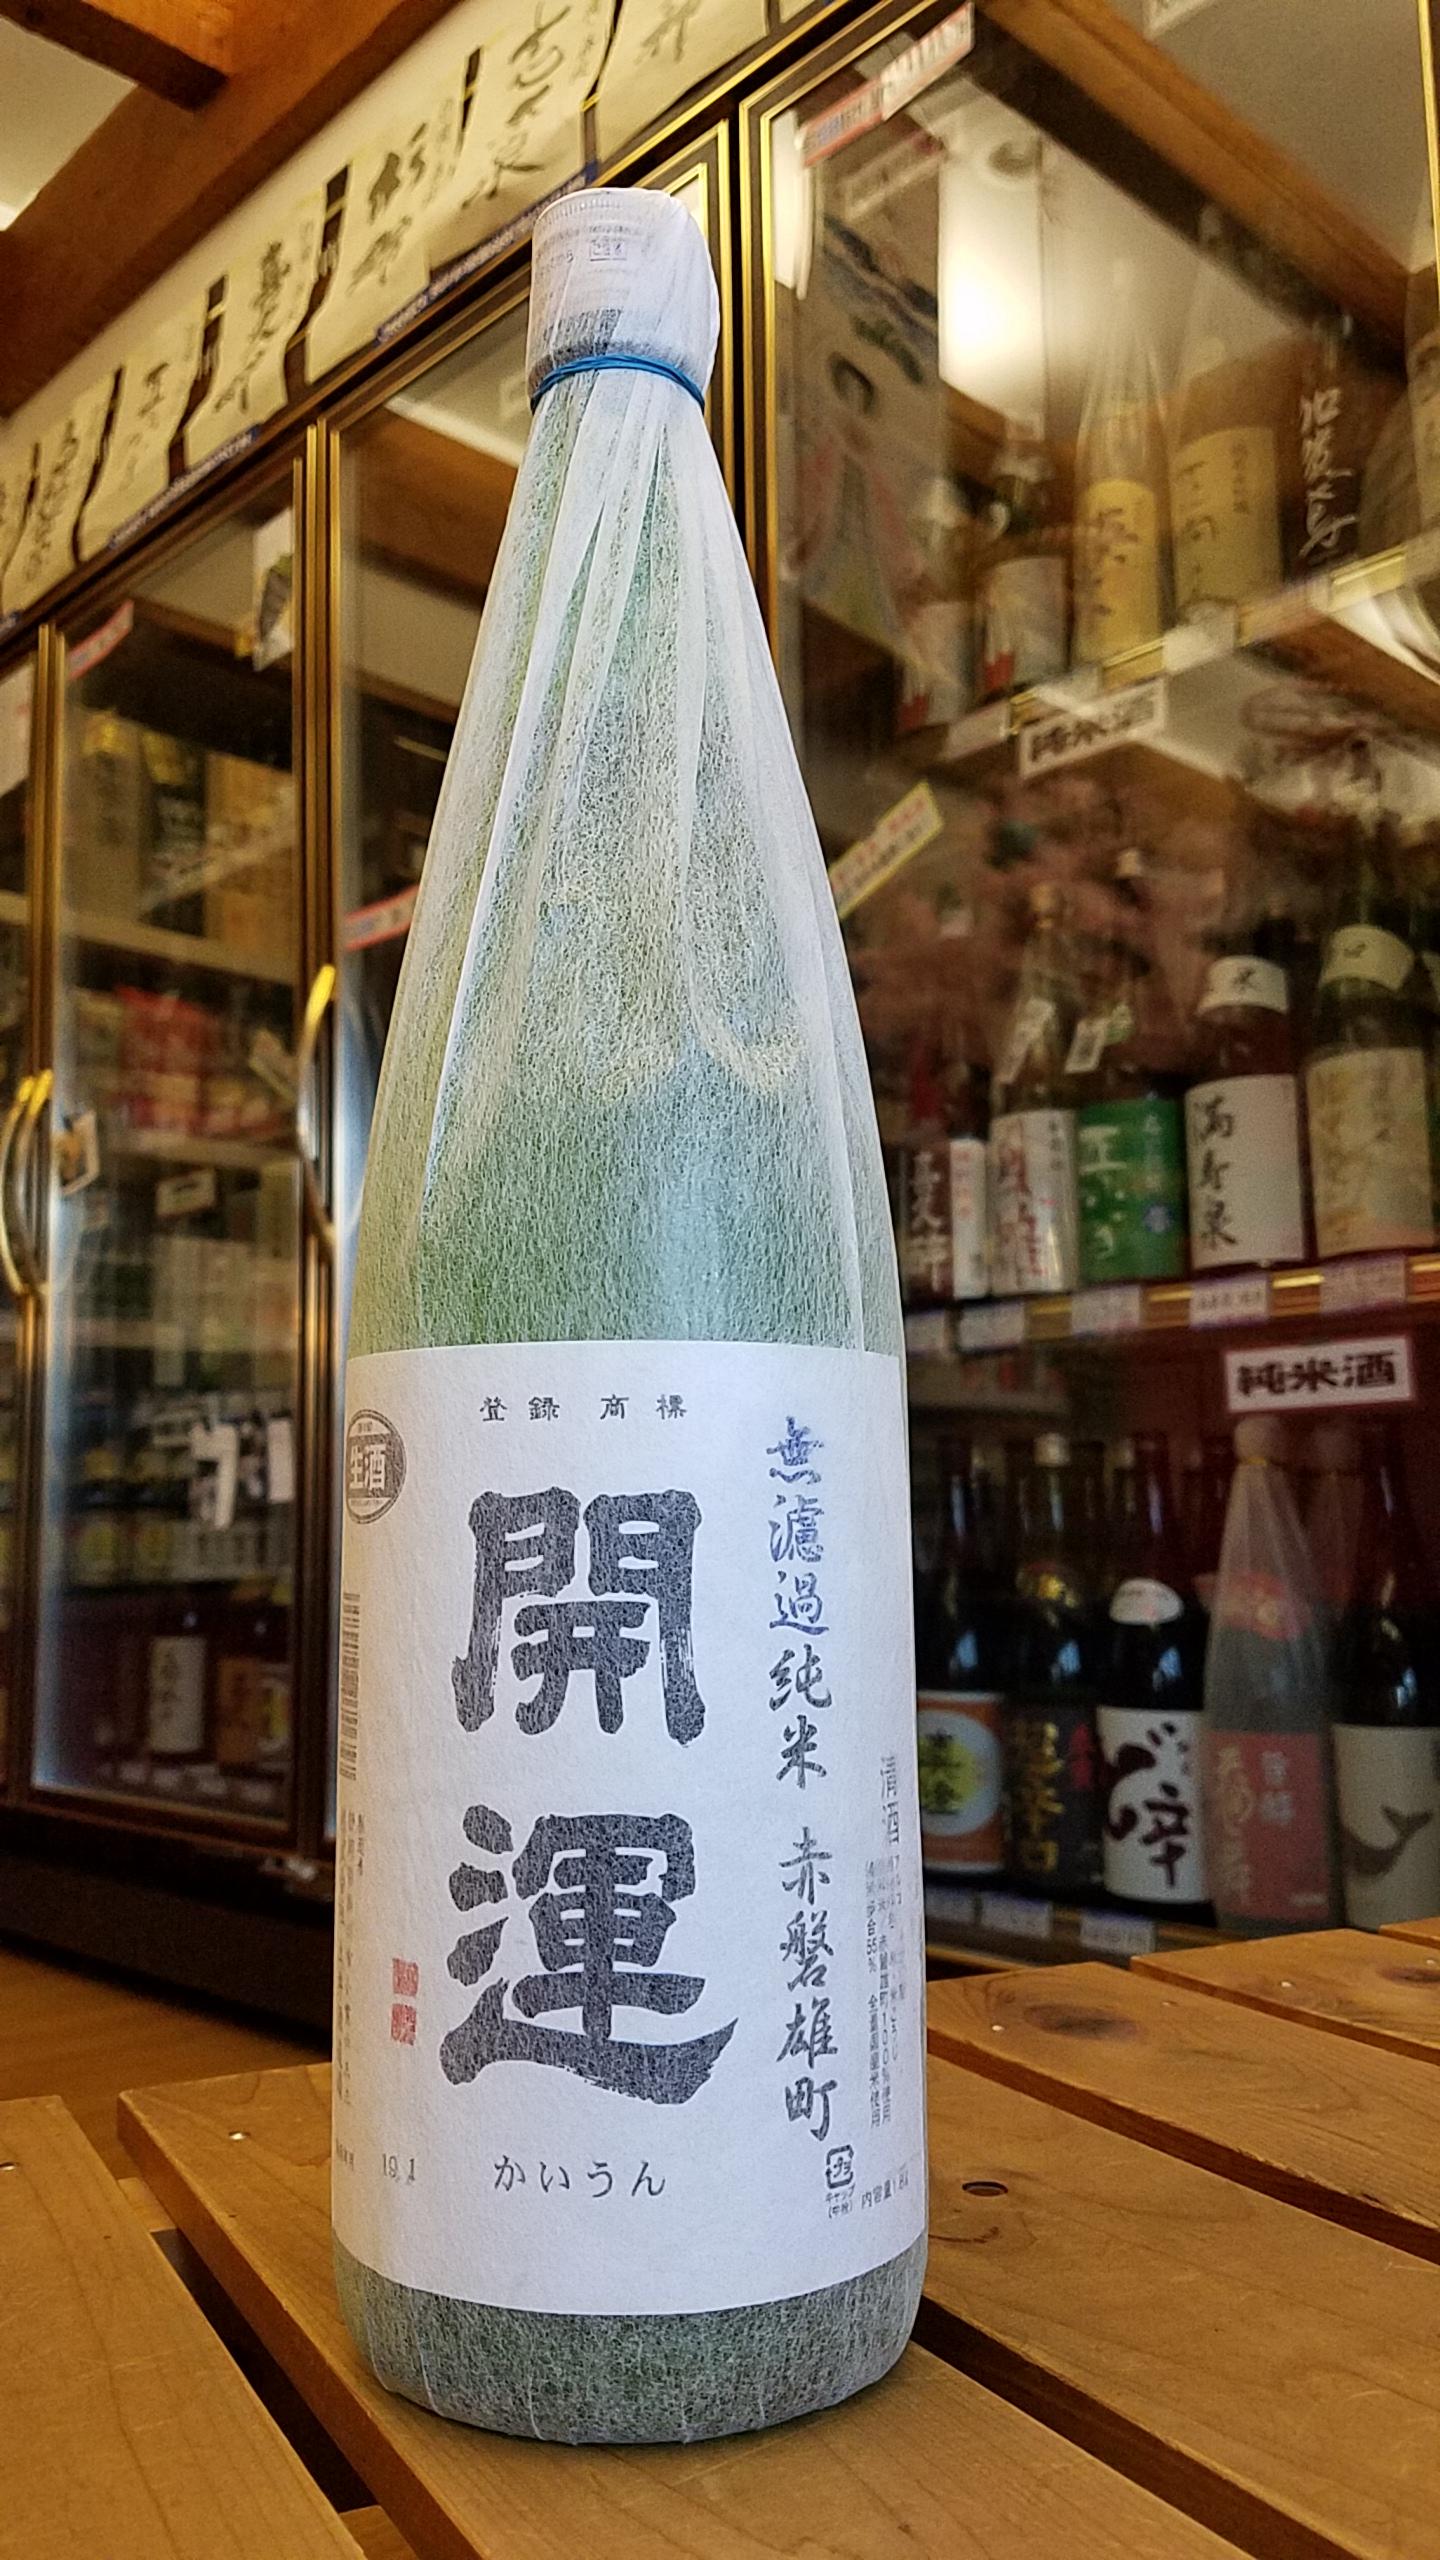 開運 雄町 純米無濾過生酒~入荷!